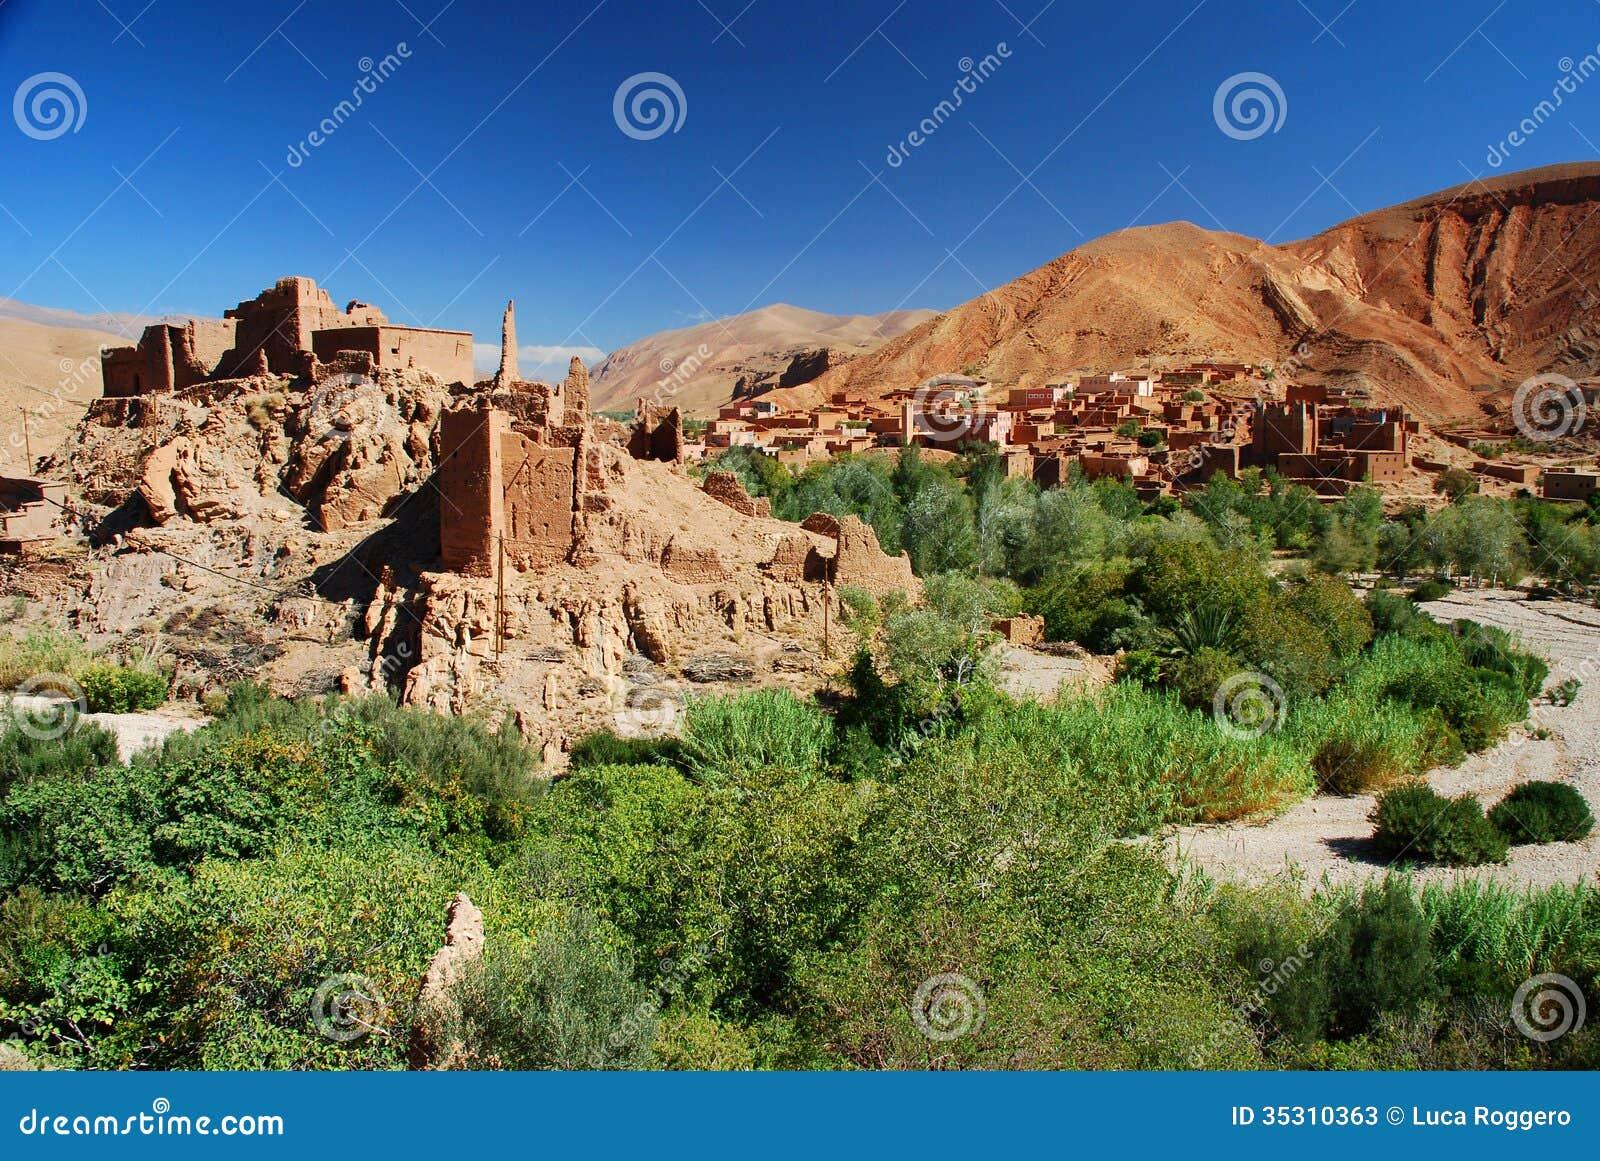 Kasbah dans les ruines. Gorges de Dades, Maroc